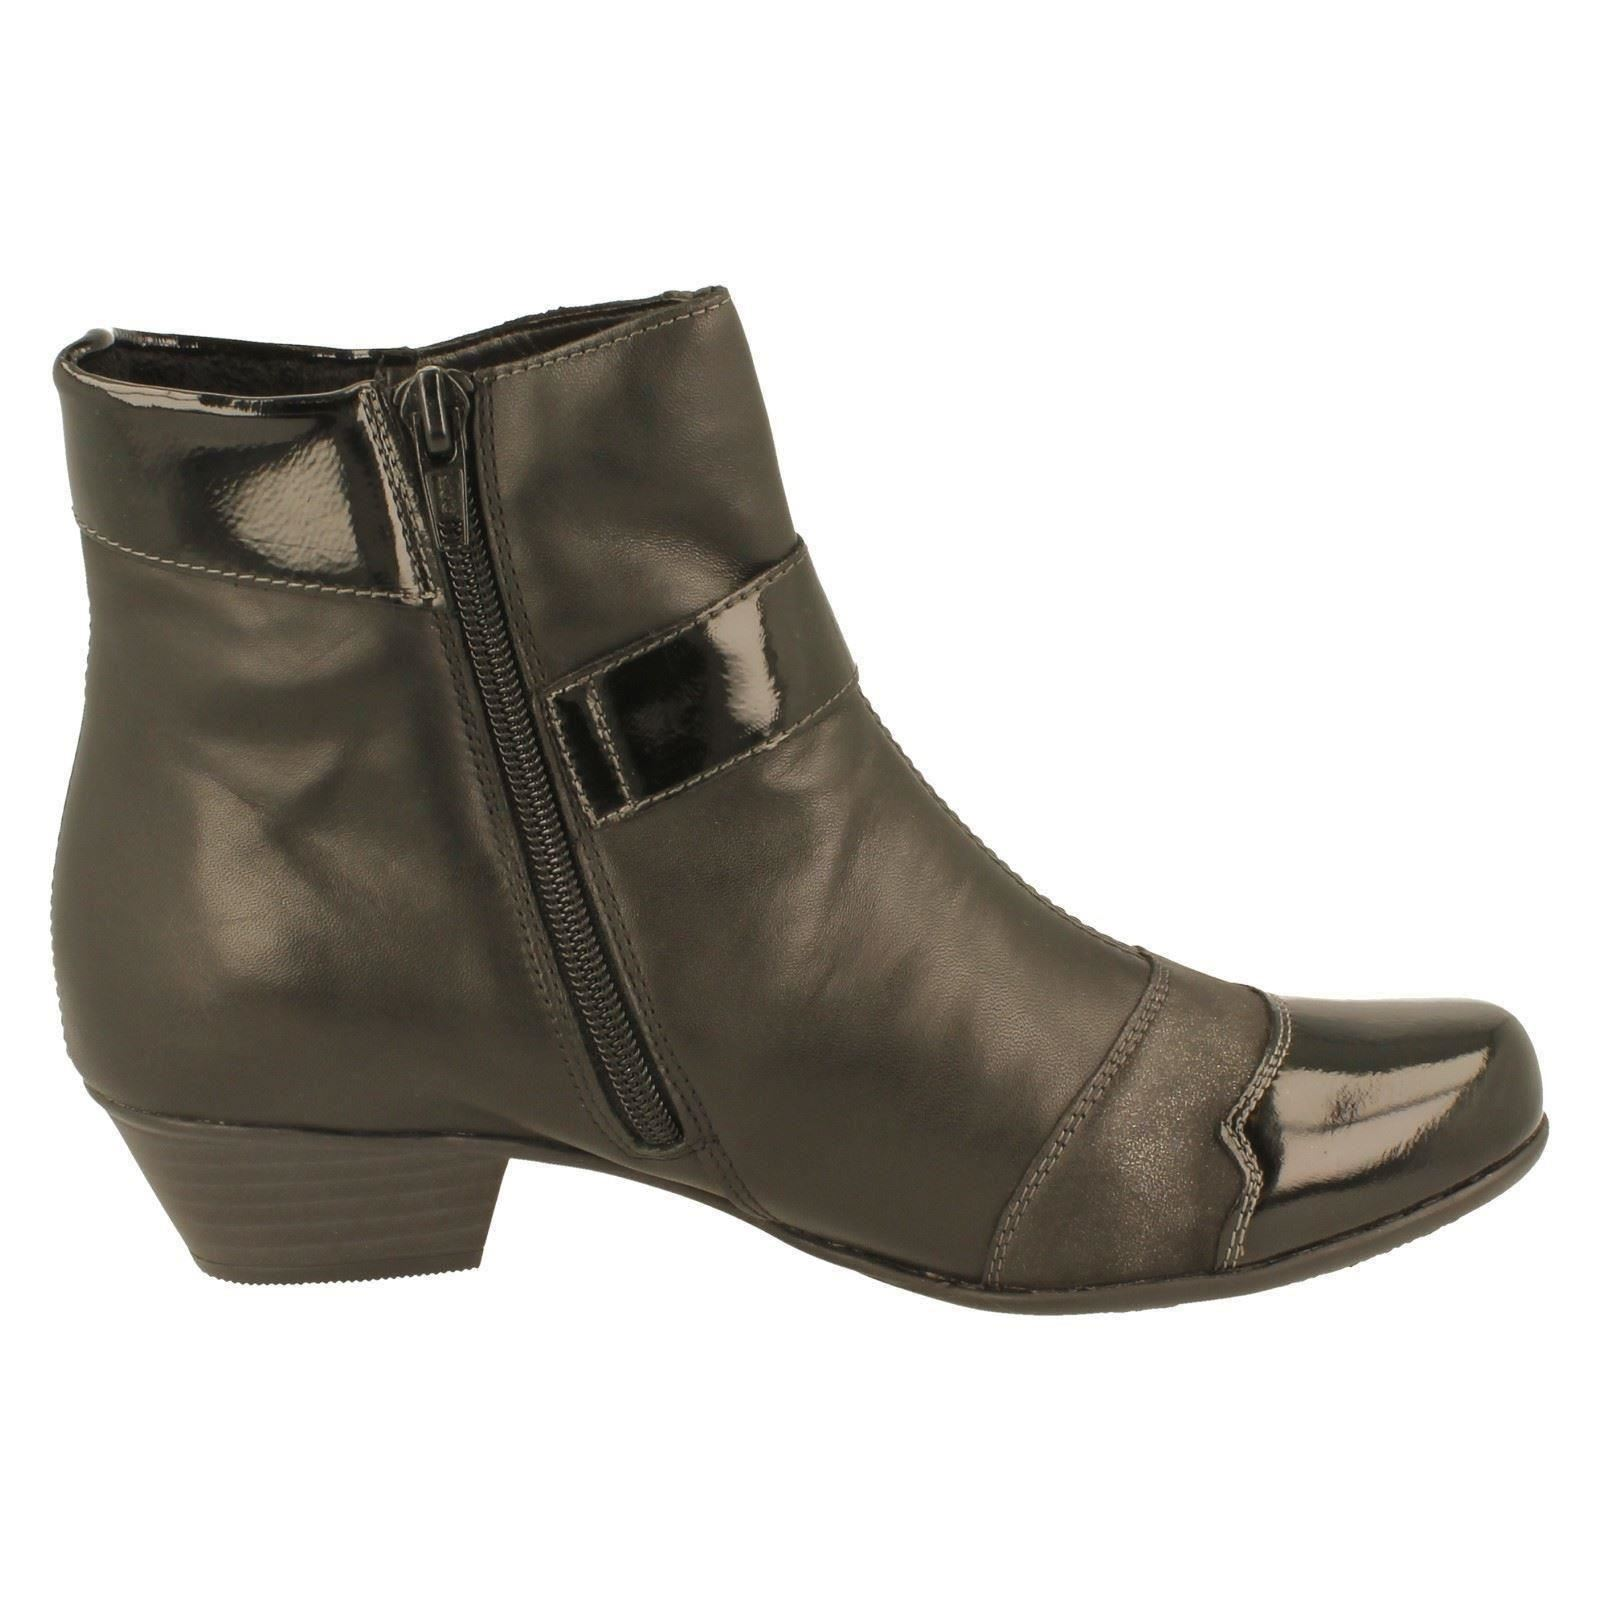 Femmes remonte bottes étiquette étiquette étiquette D7394-W 710900